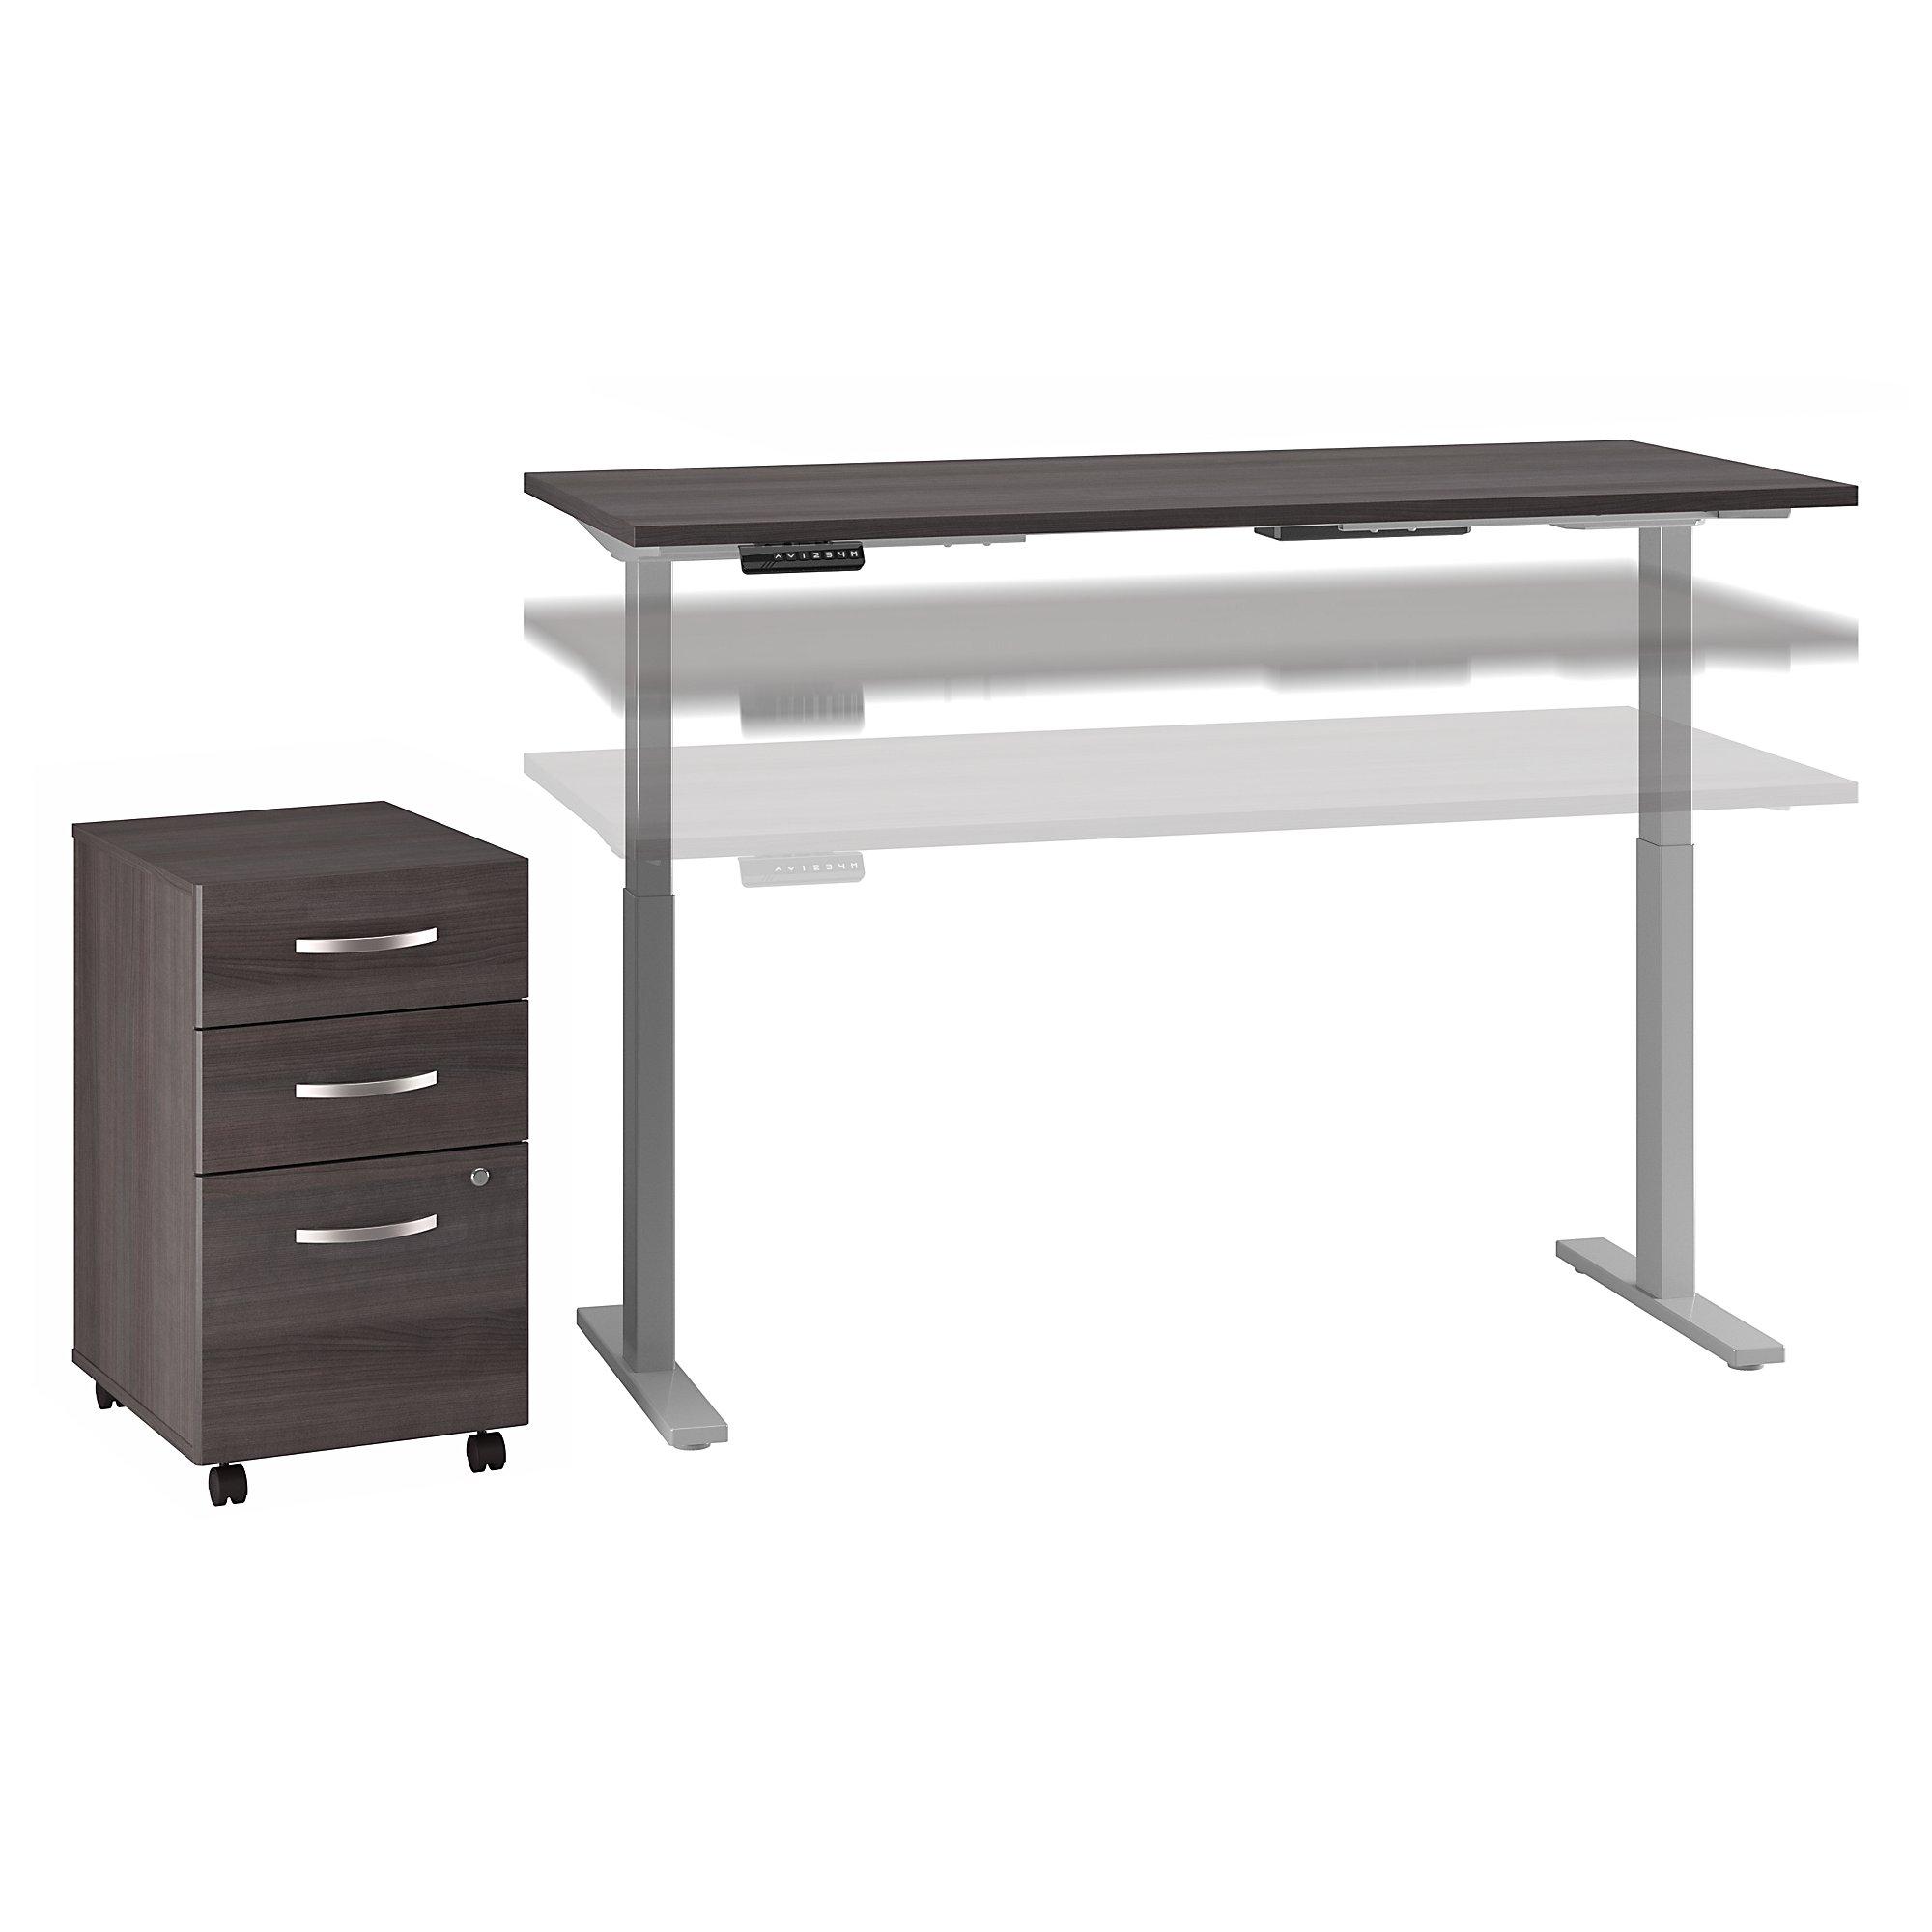 ergonomic desk with mobile file